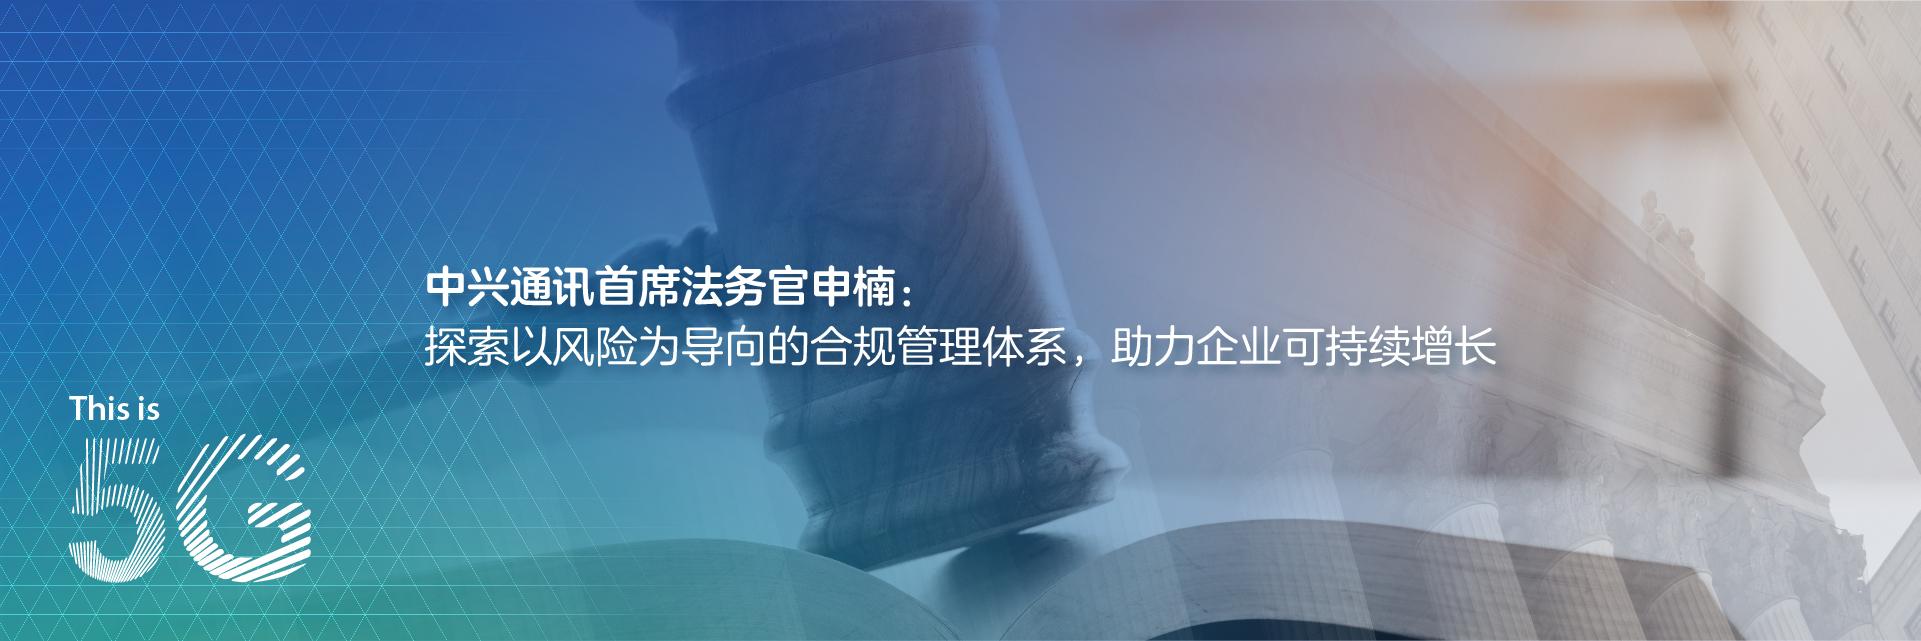 中兴通讯首席法务官申楠:探索以风险为导向的合规管理体系,助力企业可持续增长